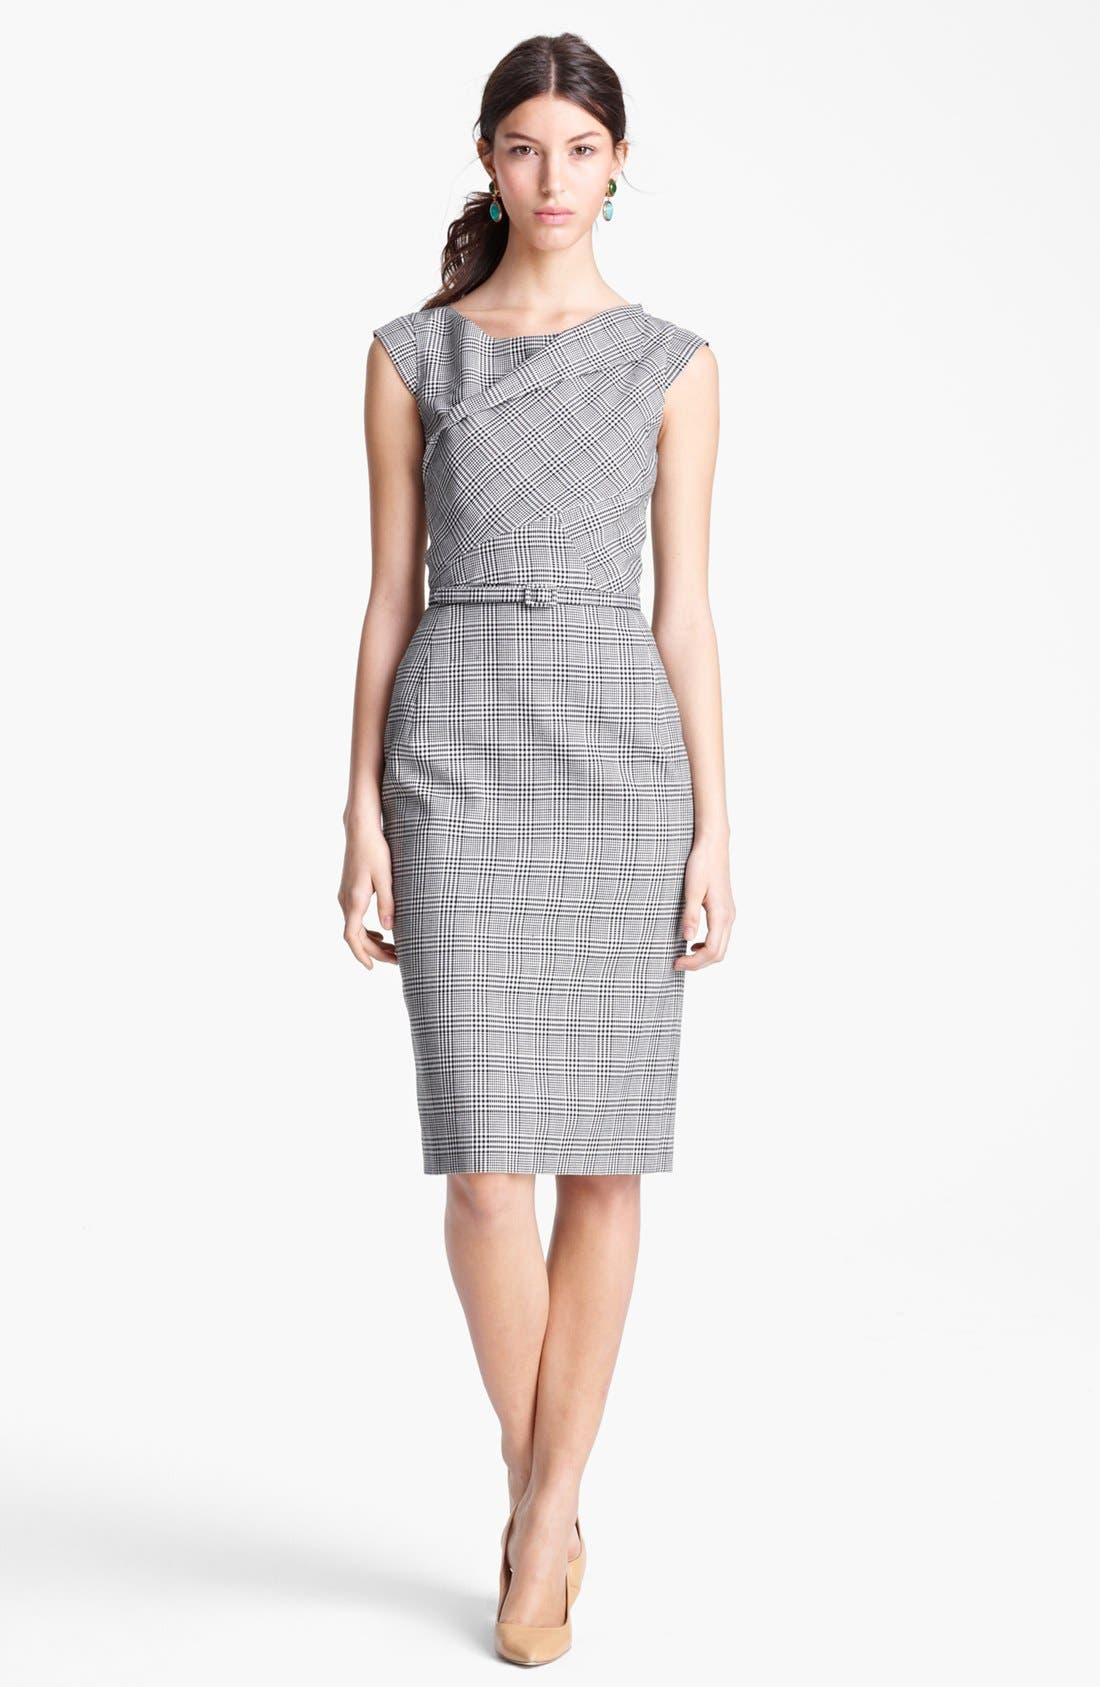 Alternate Image 1 Selected - Oscar de la Renta Belted Glen Plaid Dress